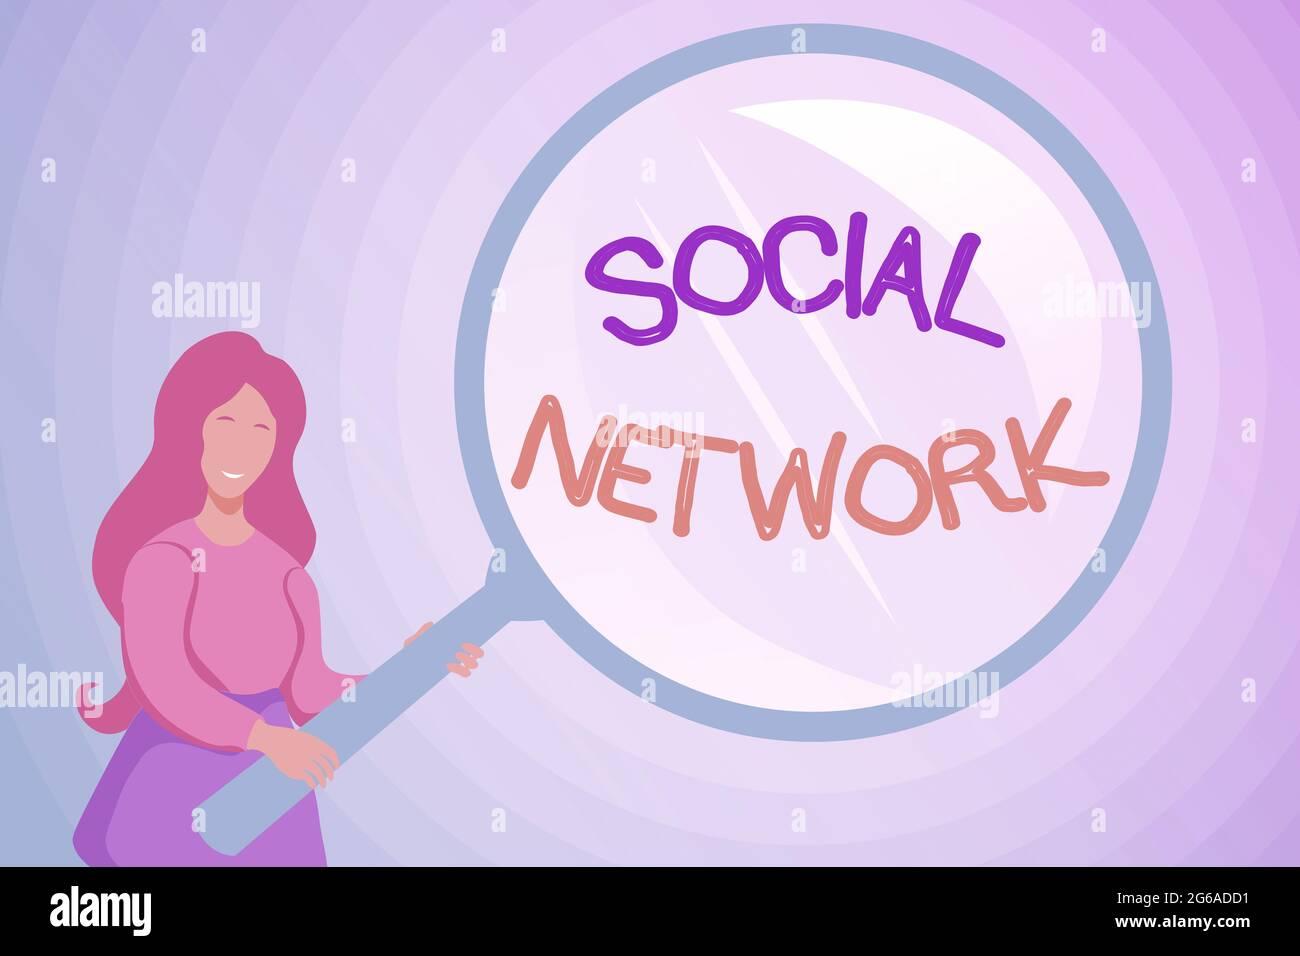 Visualizzazione concettuale Social Network. Foto concettuale un quadro di individuo collegato da interan individualal relazione astratta investigazione e. Foto Stock